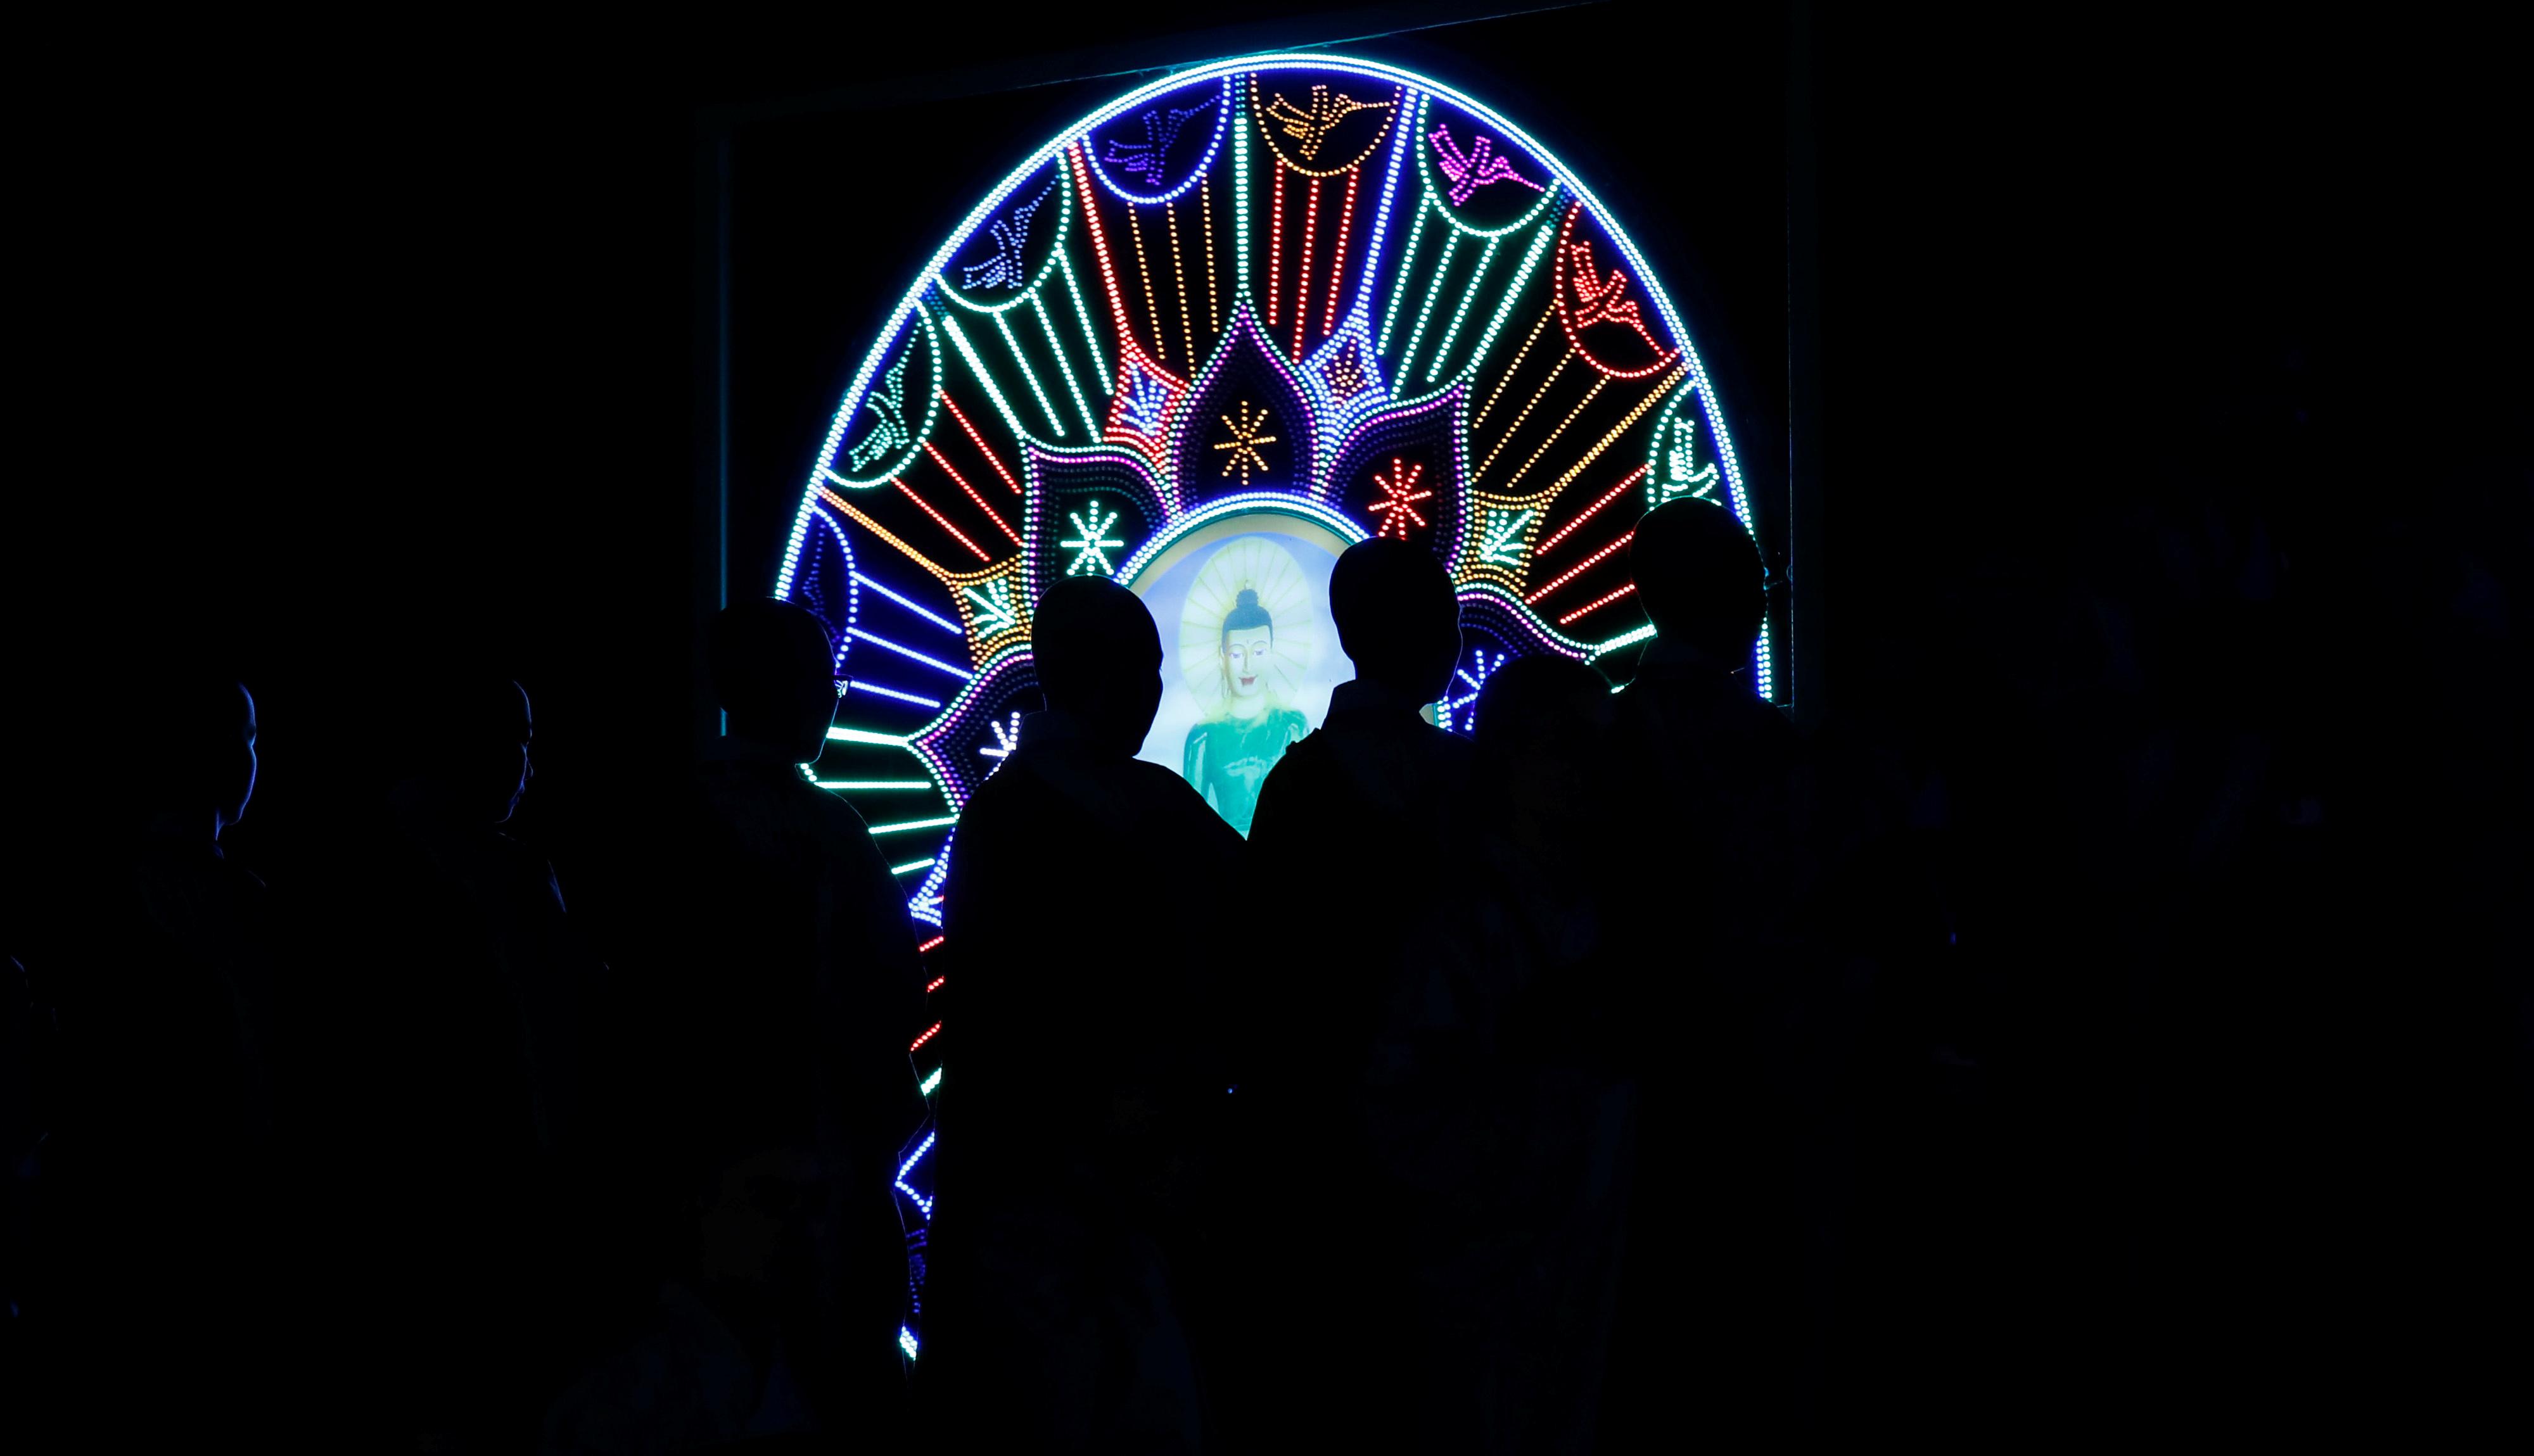 المهرجان الشعبى البوذى (8)